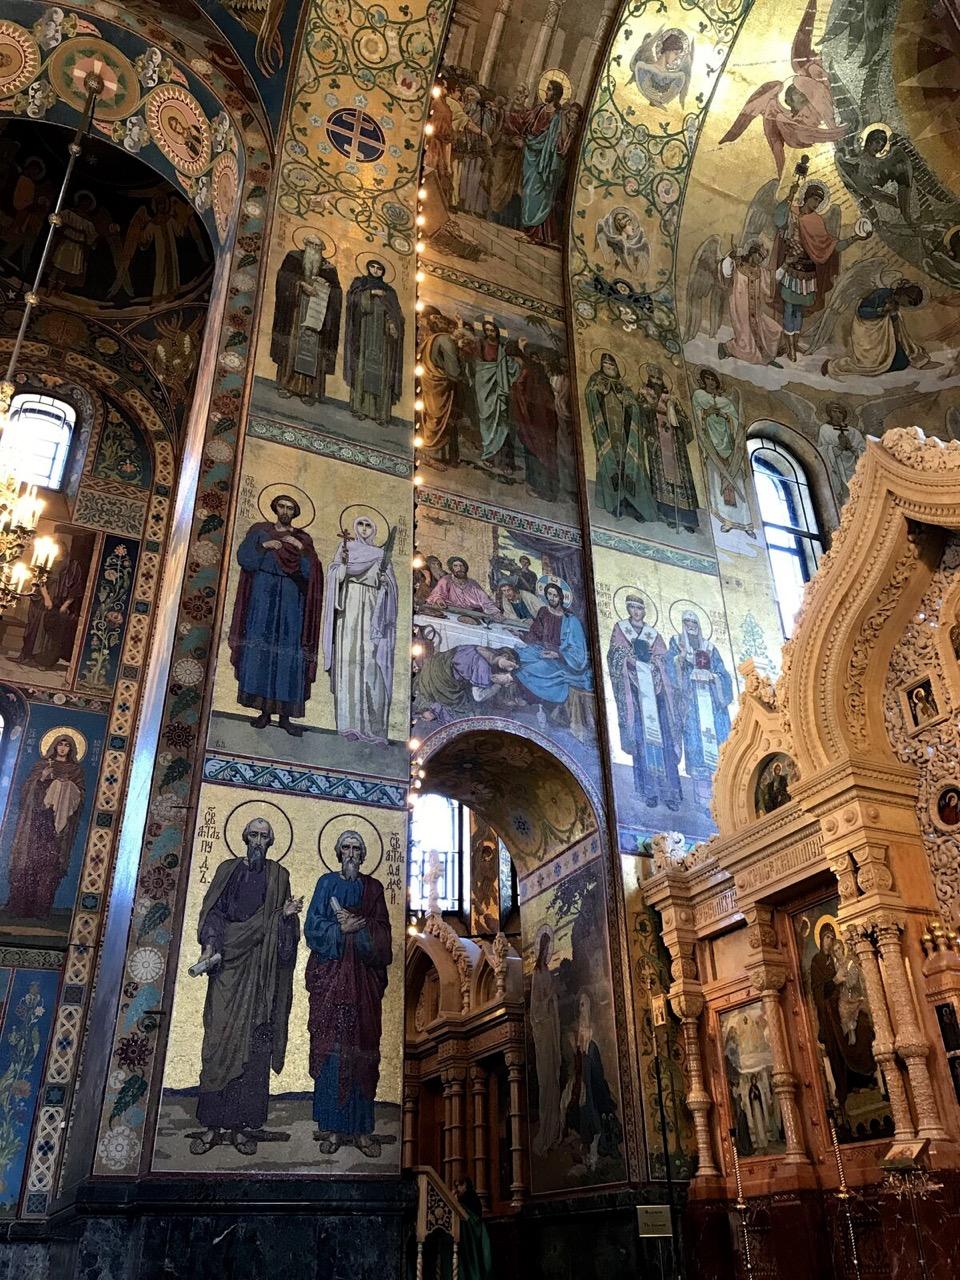 teri_St.Petersburg_St.Isaacs_Churchofspilledblood_travel_spiritedtable_photo12.jpg